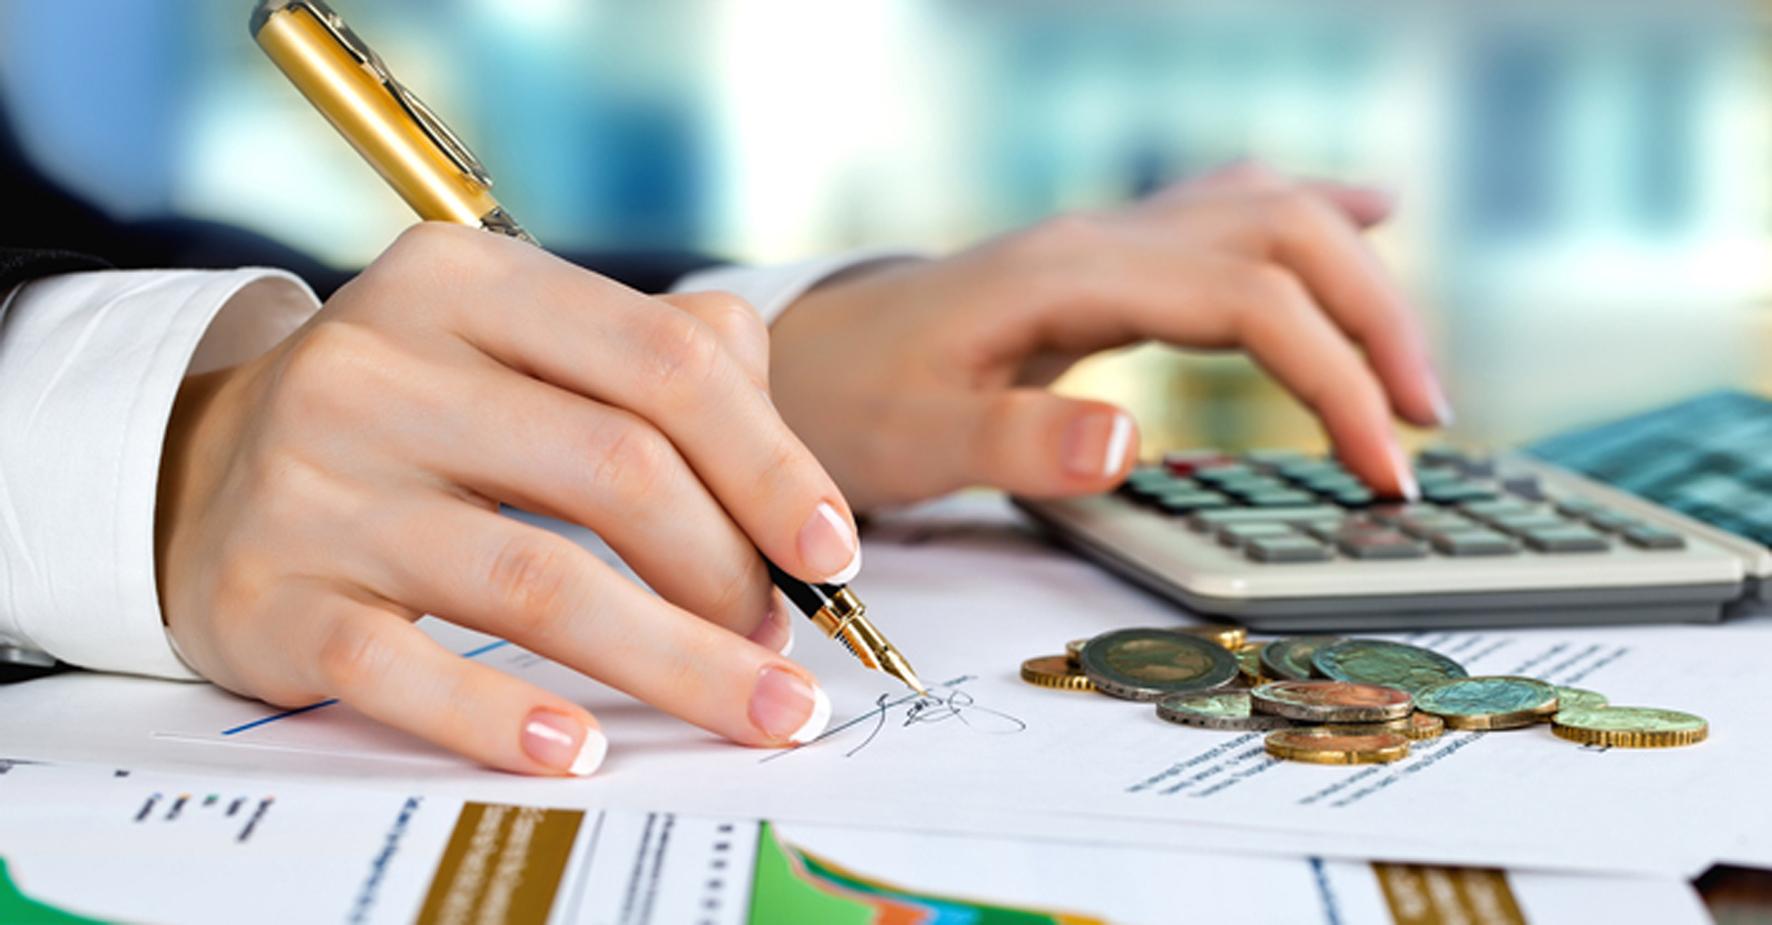 Заявление для назначения надбавки к пенсии на иждивенца